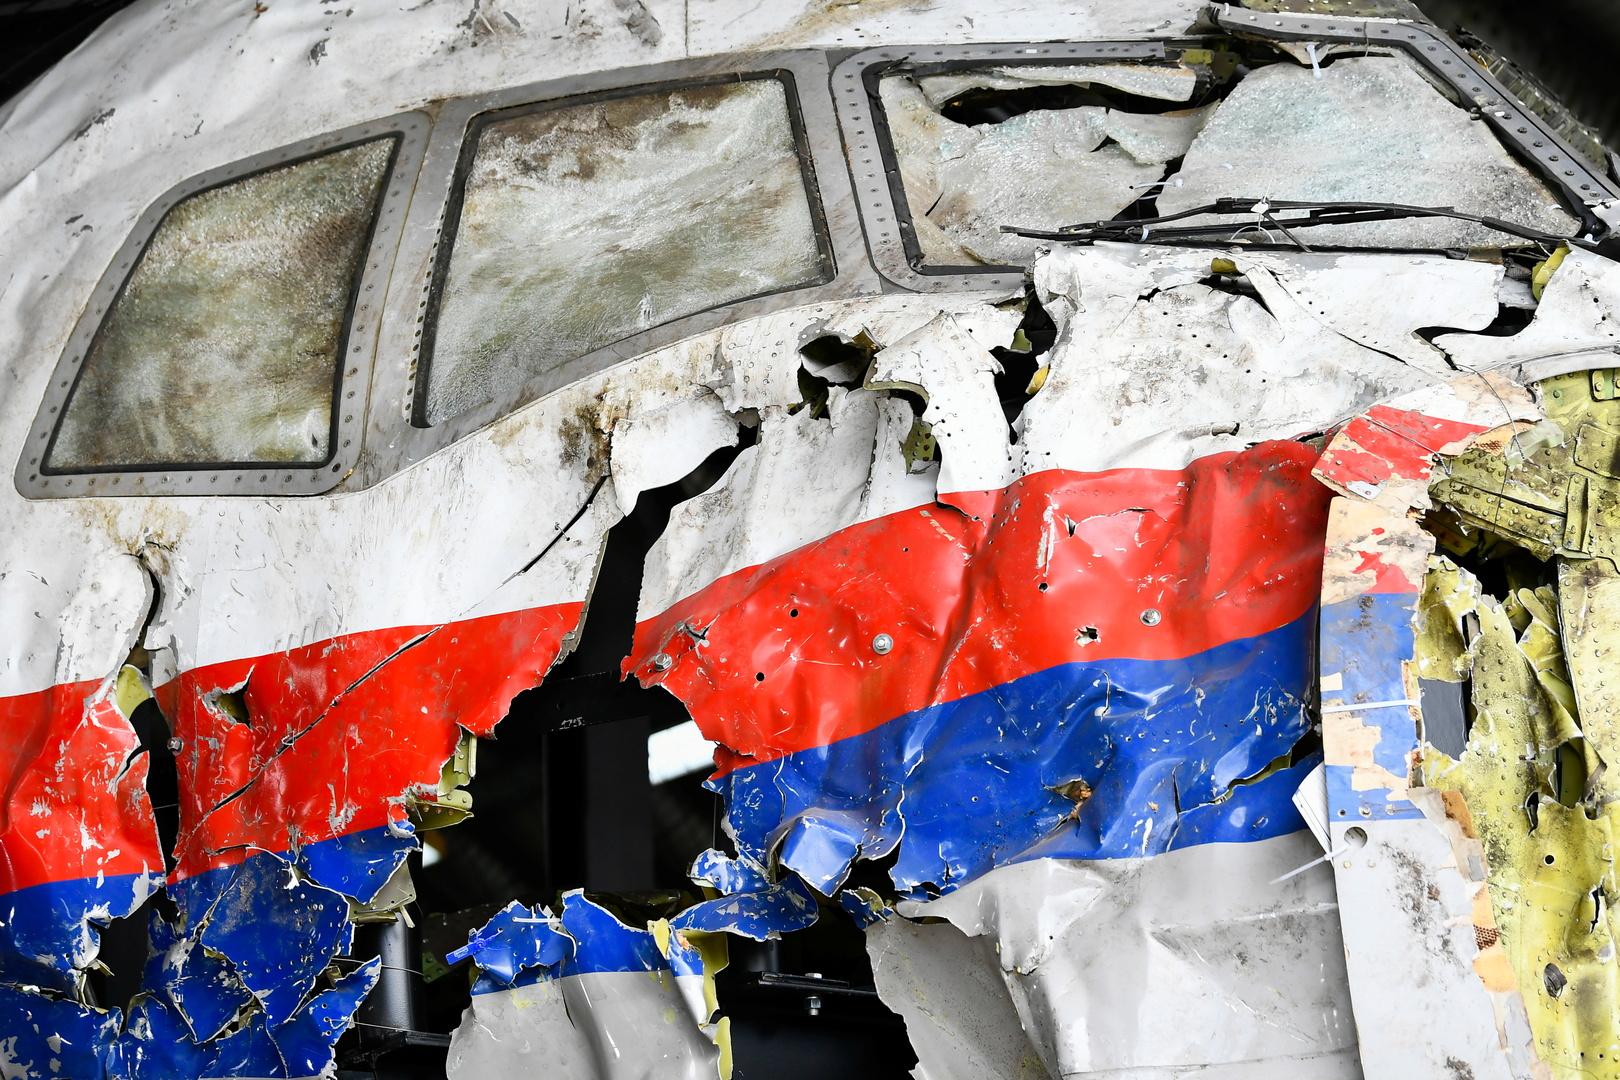 القضاء الهولندي يؤكد رفض المحققين إفادات تشير لمسؤولية كييف عن إسقاط